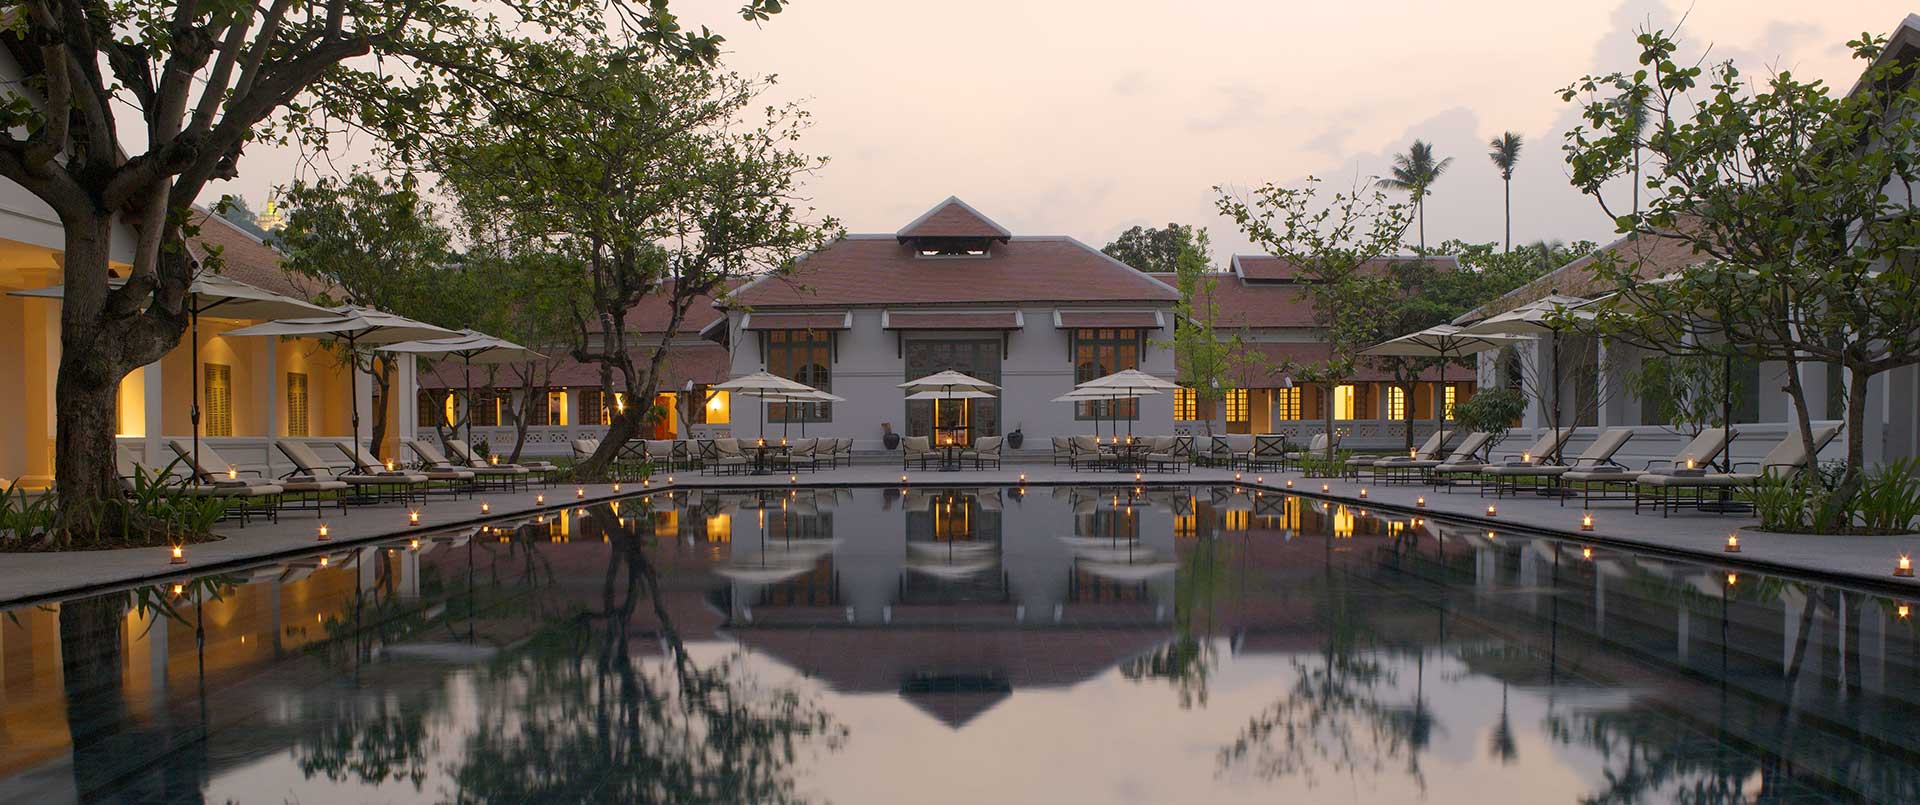 Amantaka, Luang Prabang, Laos